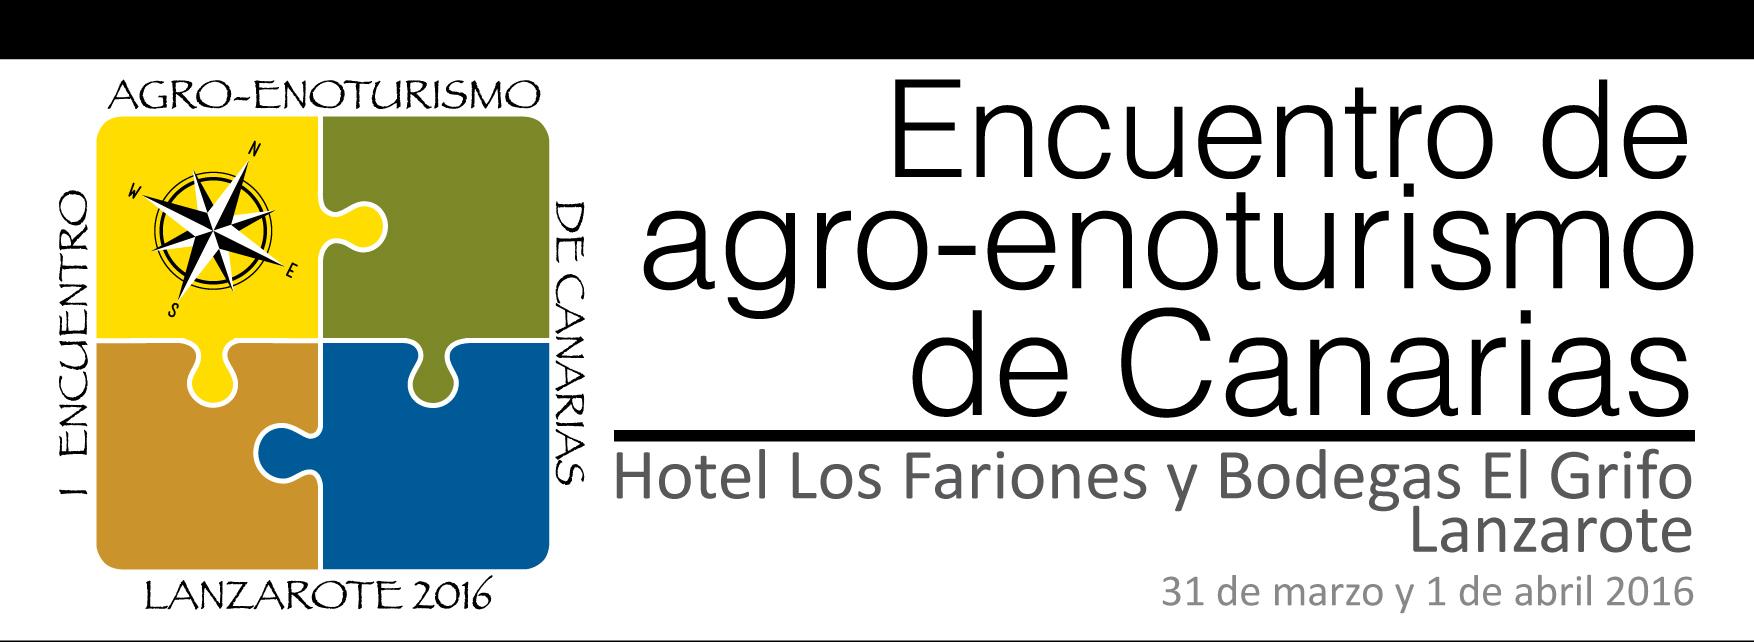 I Encuentro de Agroenoturismo de Canarias. Lanzarote 31 de marzo de 2016